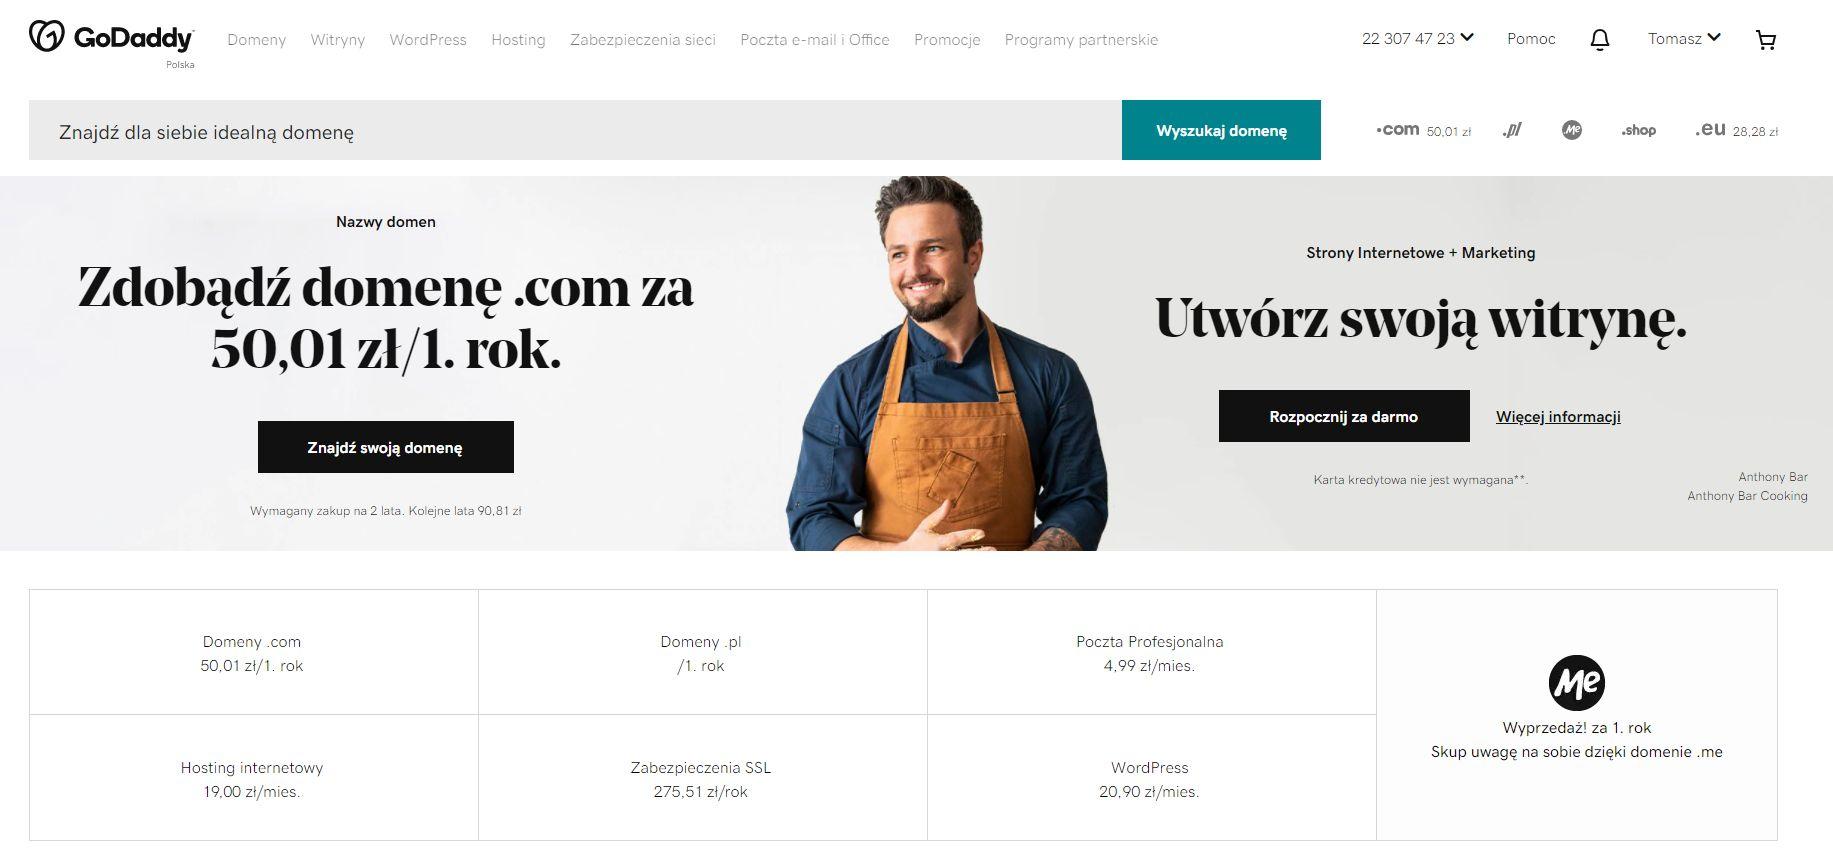 Inwestowanie w domeny - portal GoDaddy